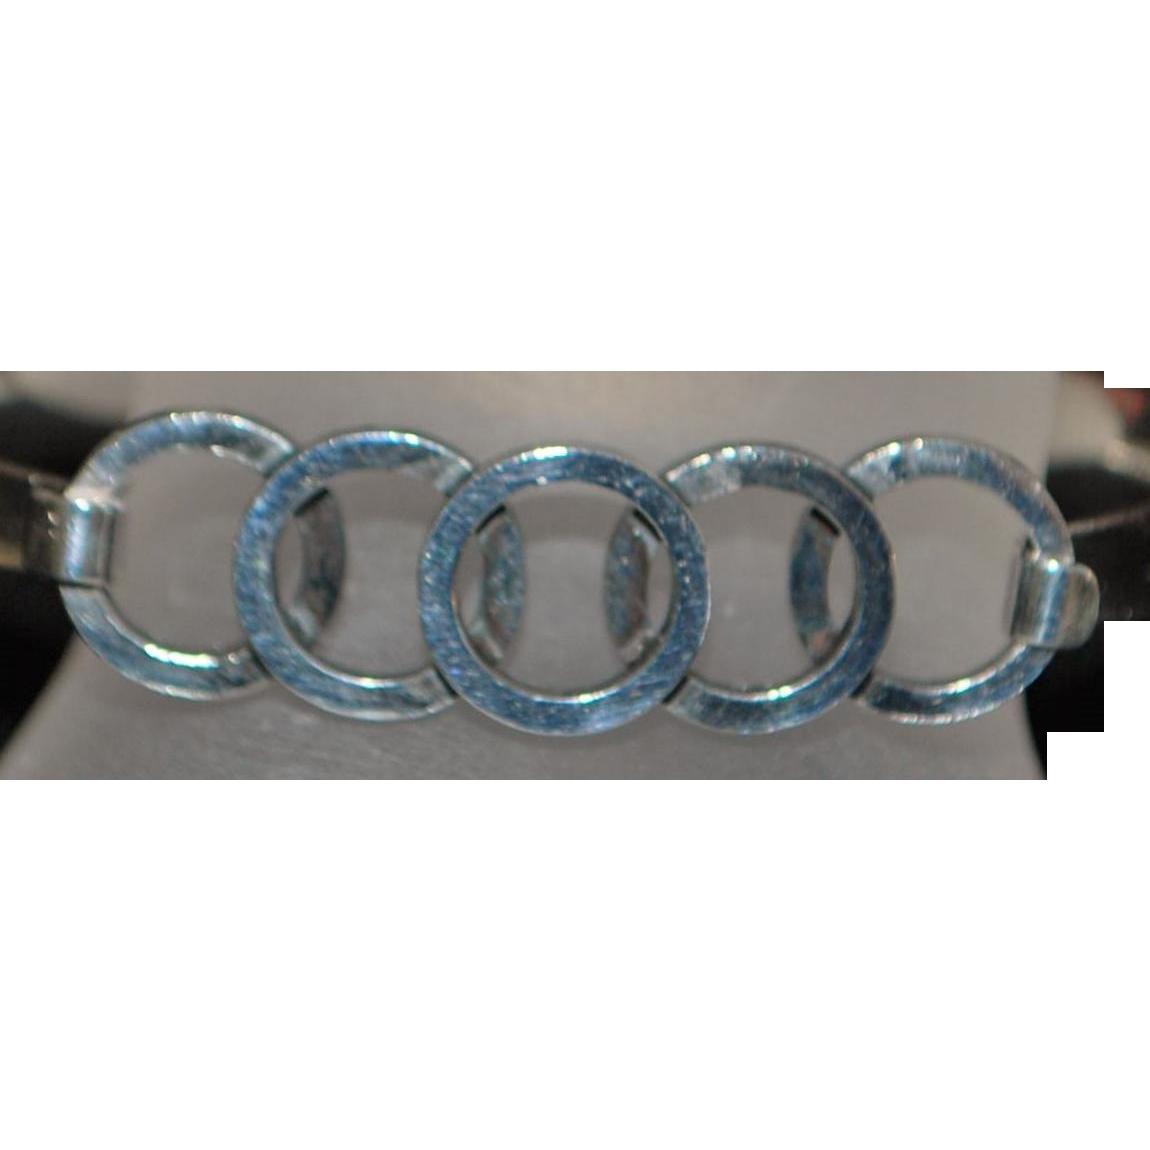 Modernist Erik Granit Olympic Rings Bracelet - 1984